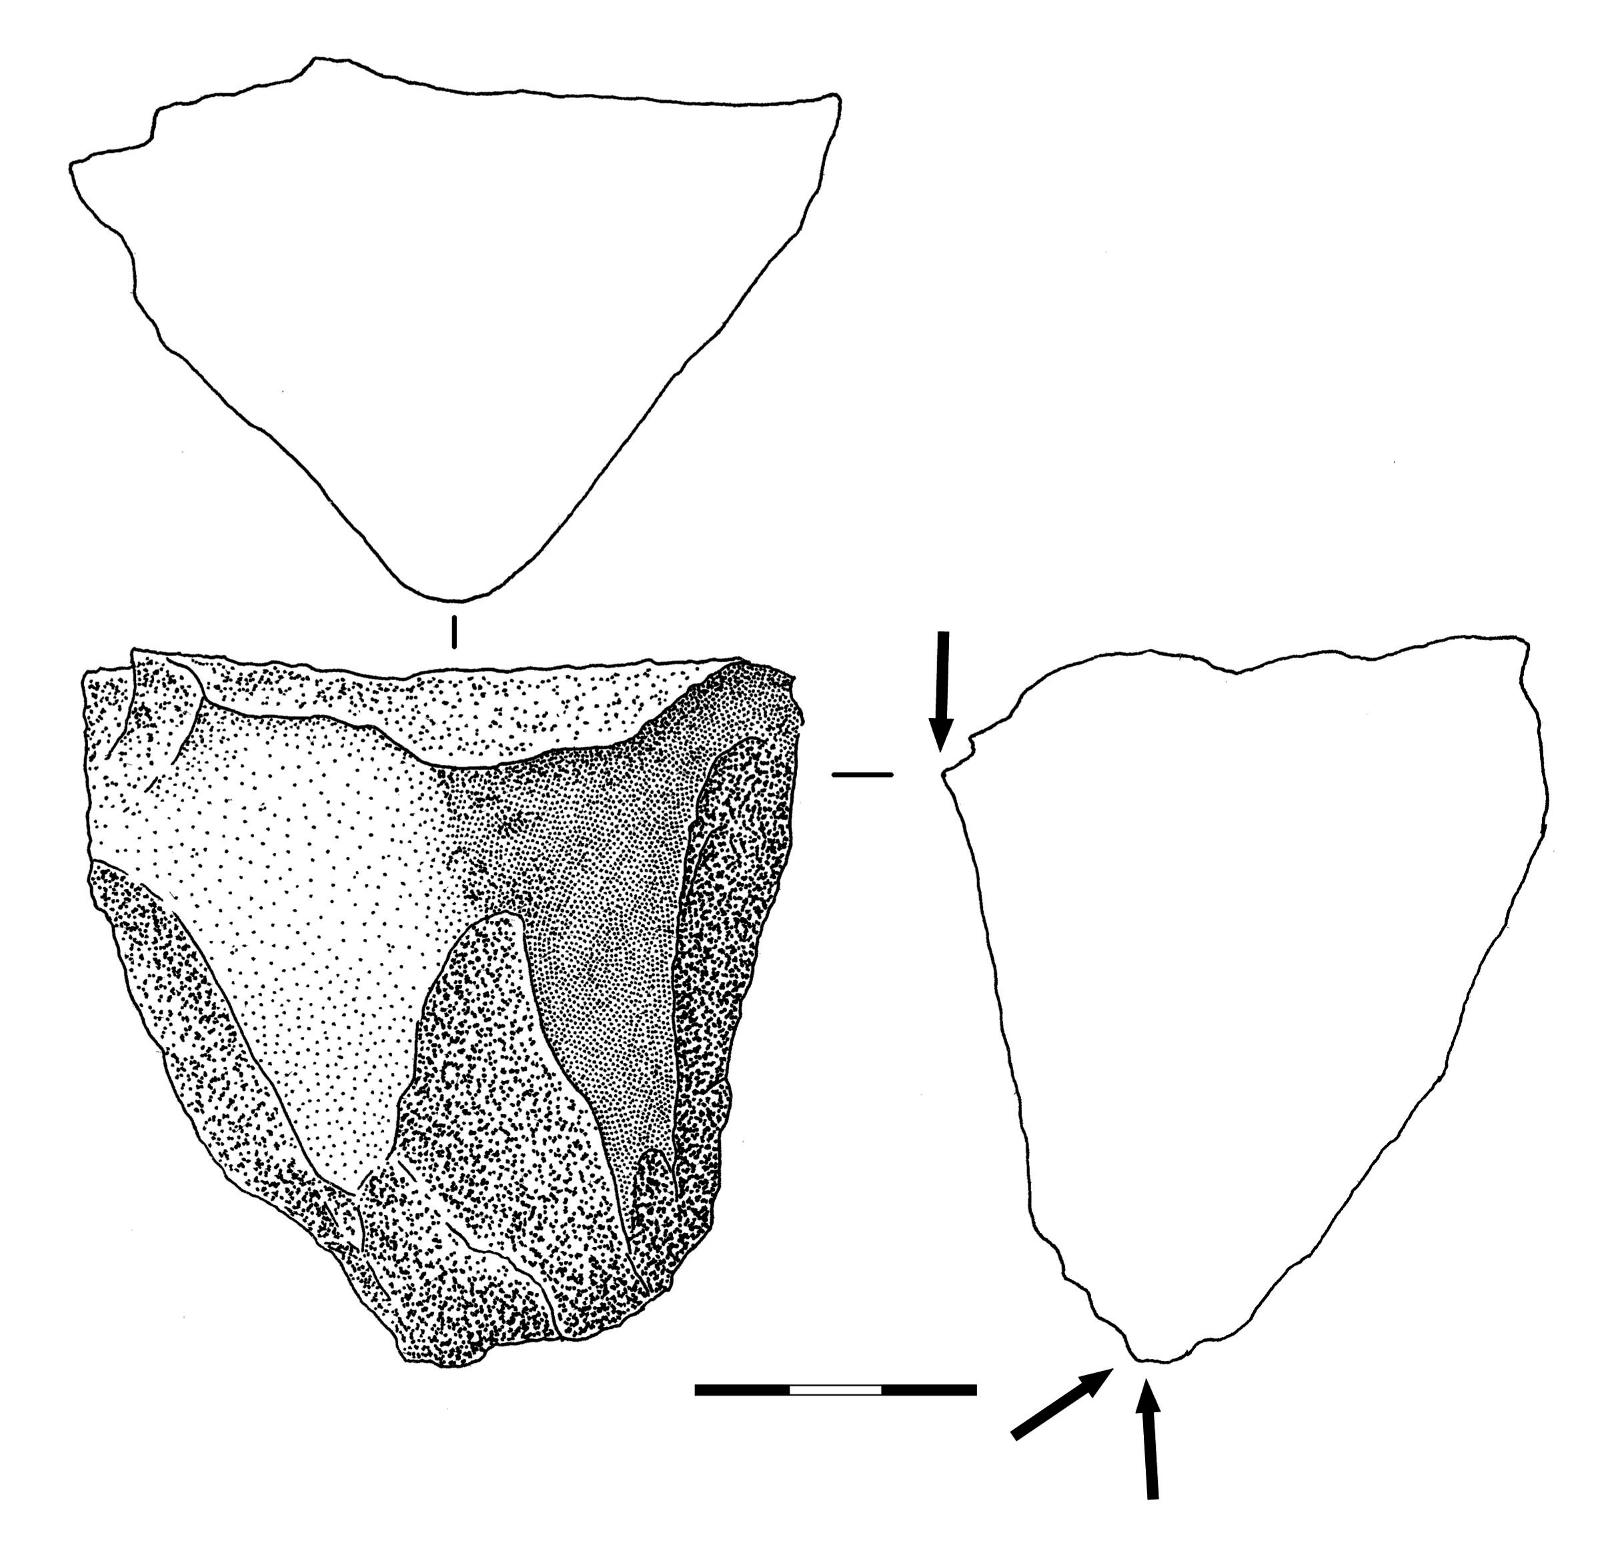 22 pav. Skaldytinis, Pasieniai 1, Nr. 605, jotnio smiltainis (Gabrielės Gudaitienės piešinys) / Fig. 22. Jotnian sandstone core no. 605 from Pasieniai 1 site